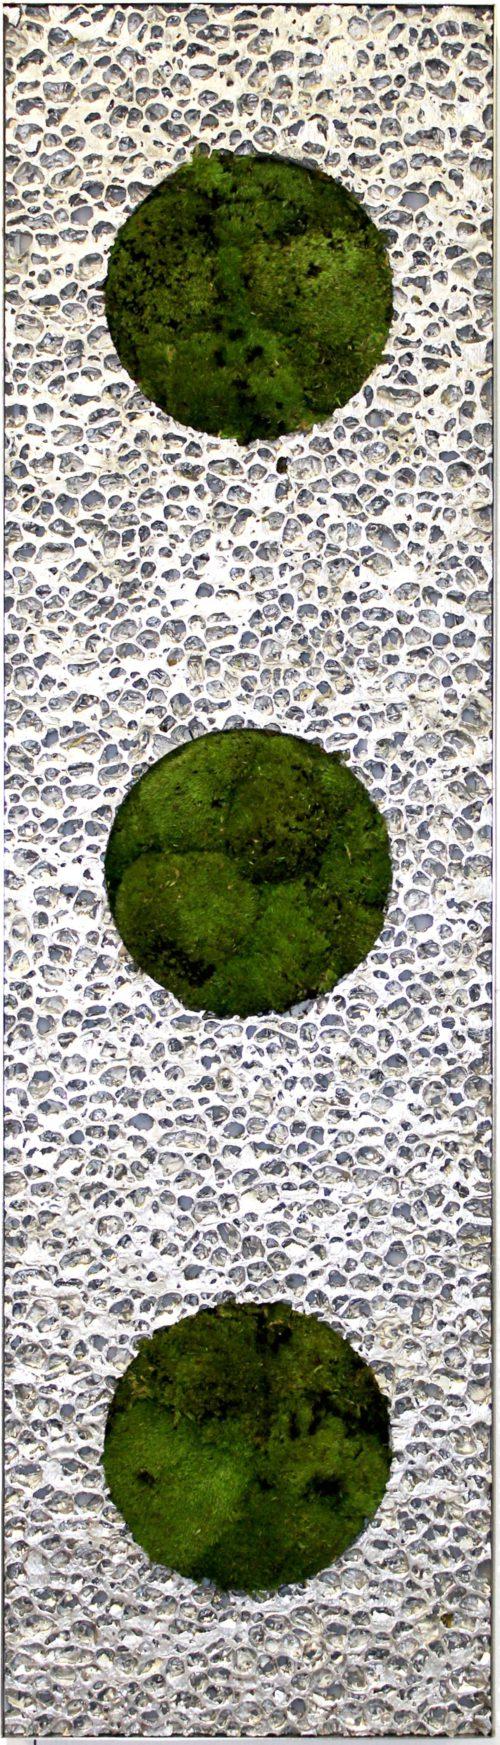 NATURADOR® Space Moss Absorber Nr. 1, Absorber aus Alu und Kugelmoos zur Verbesserung der Raumakustik